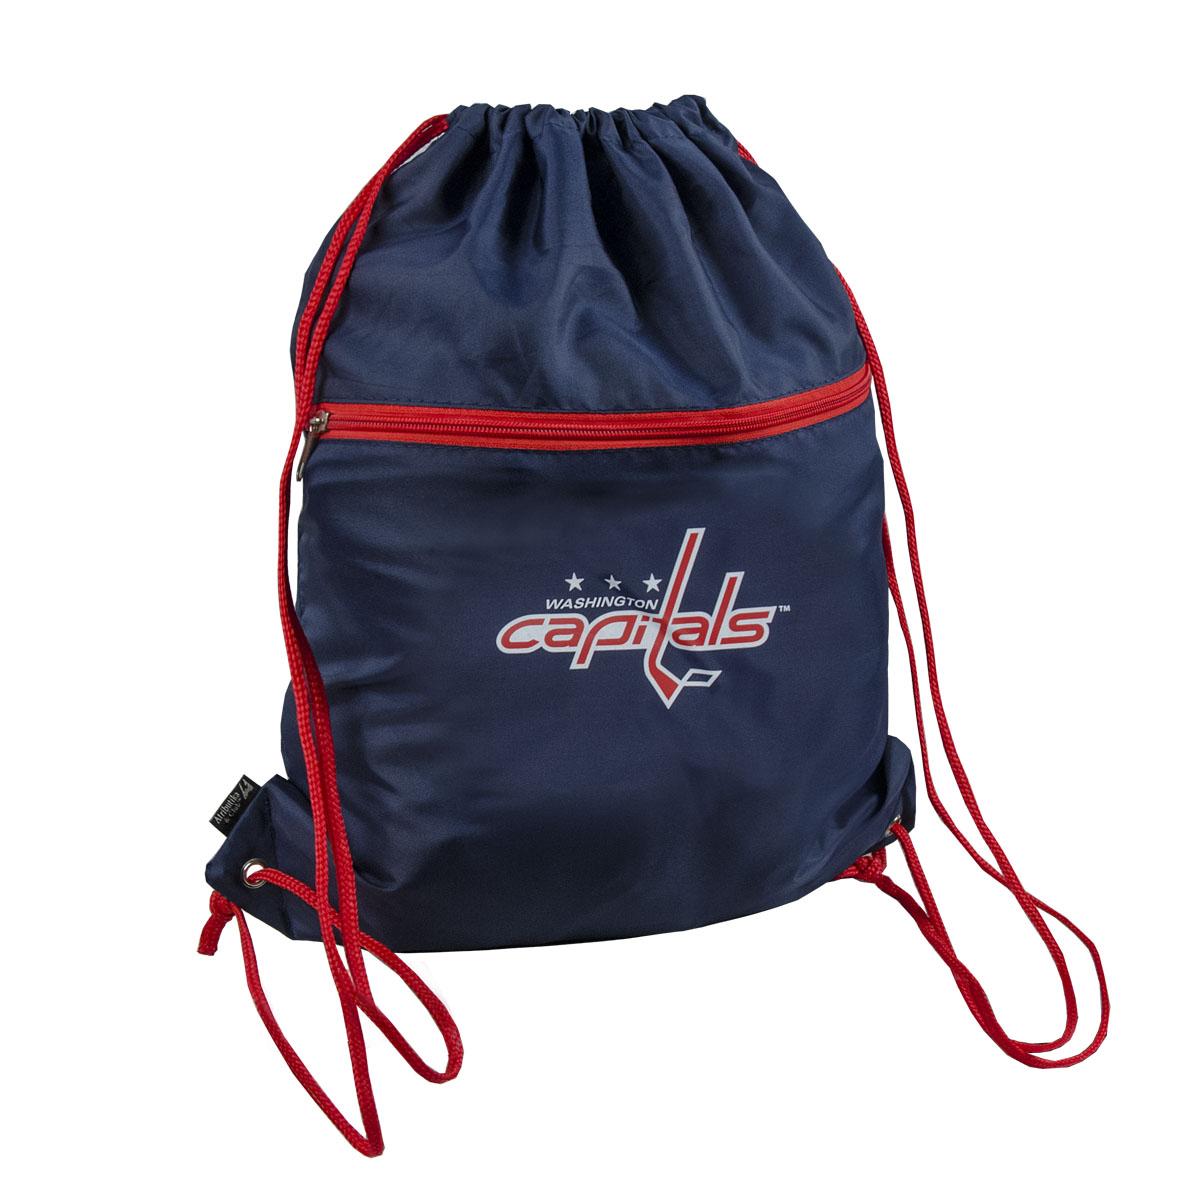 Мешок на шнурке NHL Capitals, цвет: синий, 15 л58023Мешок на шнурке NHL Capitals выполнен из 100% полиэстера. Он выполняет функции рюкзака, благодаря плечевым лямкам, которые надежно фиксируют изделие у его верхнего основания. Мешок имеет 2 отделения, одно из которых закрывается на молнию. Украшен эмблемой хоккейной команды Capitals.